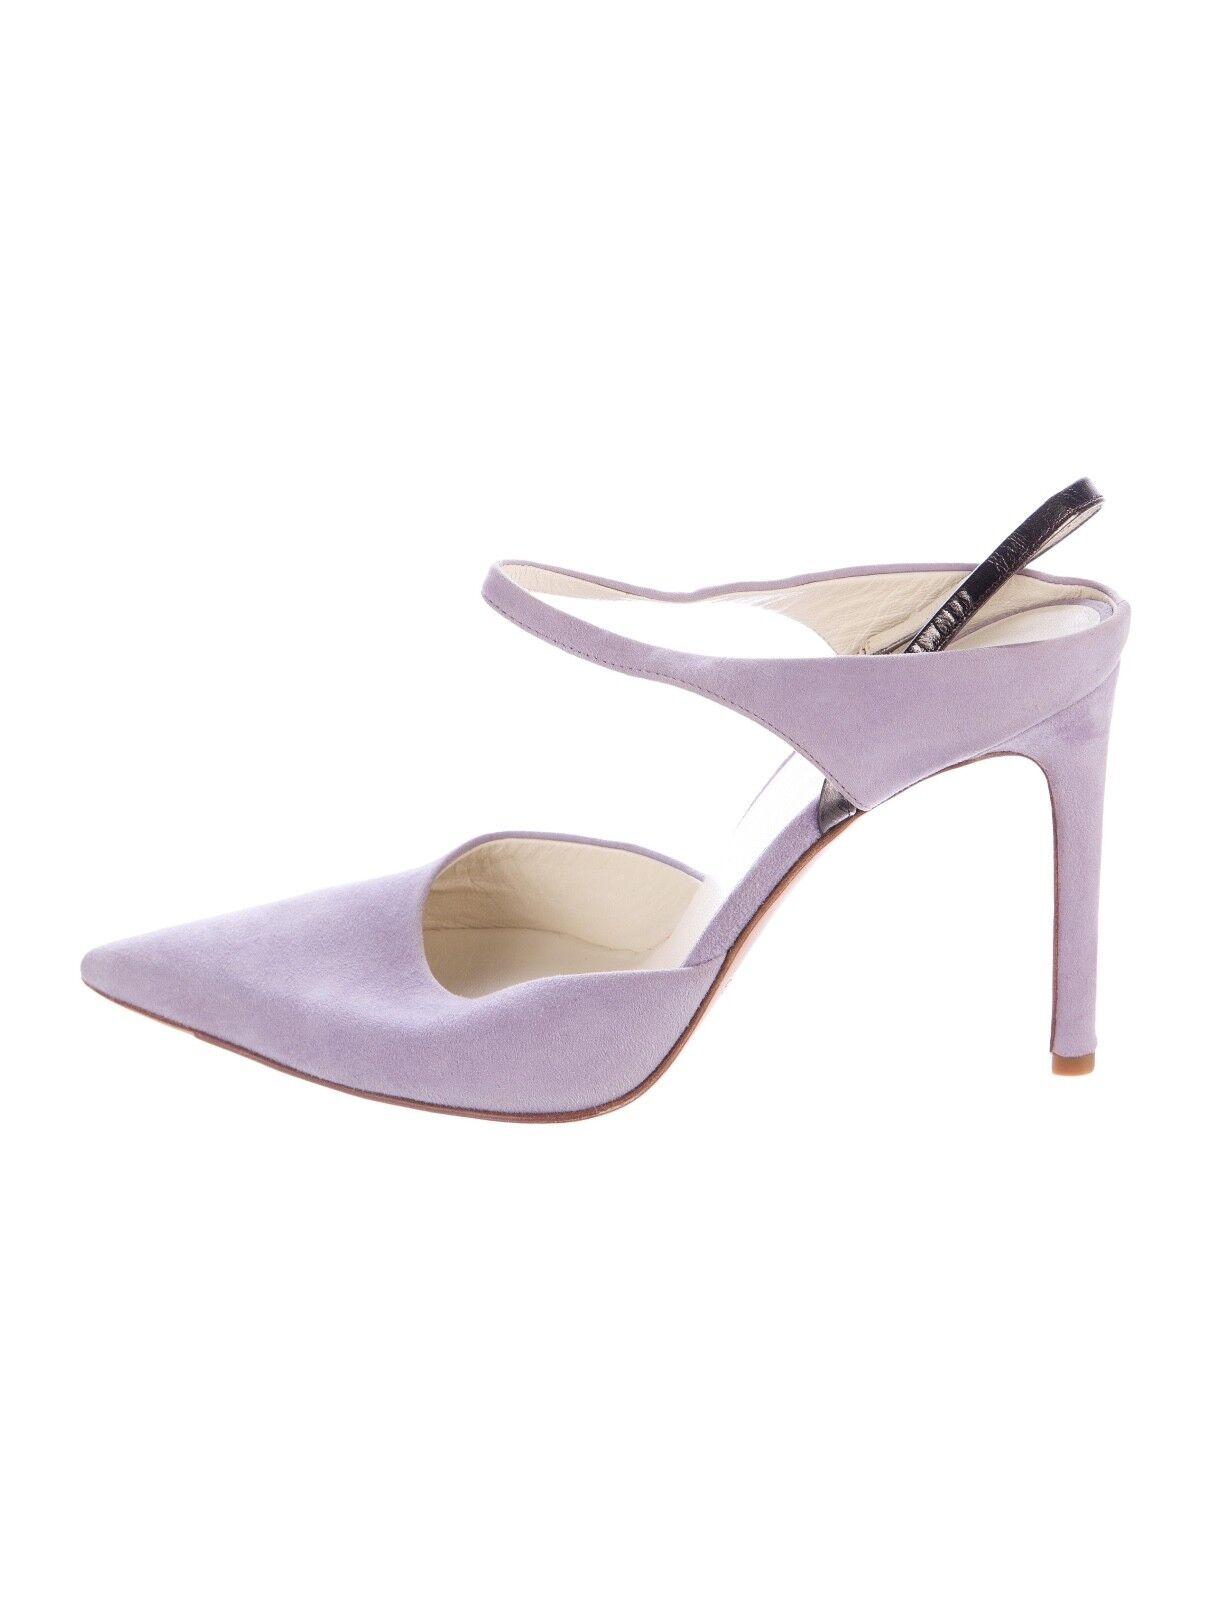 NEW Helmut Lang Vintage Vintage Lang Archival Lavender Suede Heels Shoes 36.5 6.5 cb870f